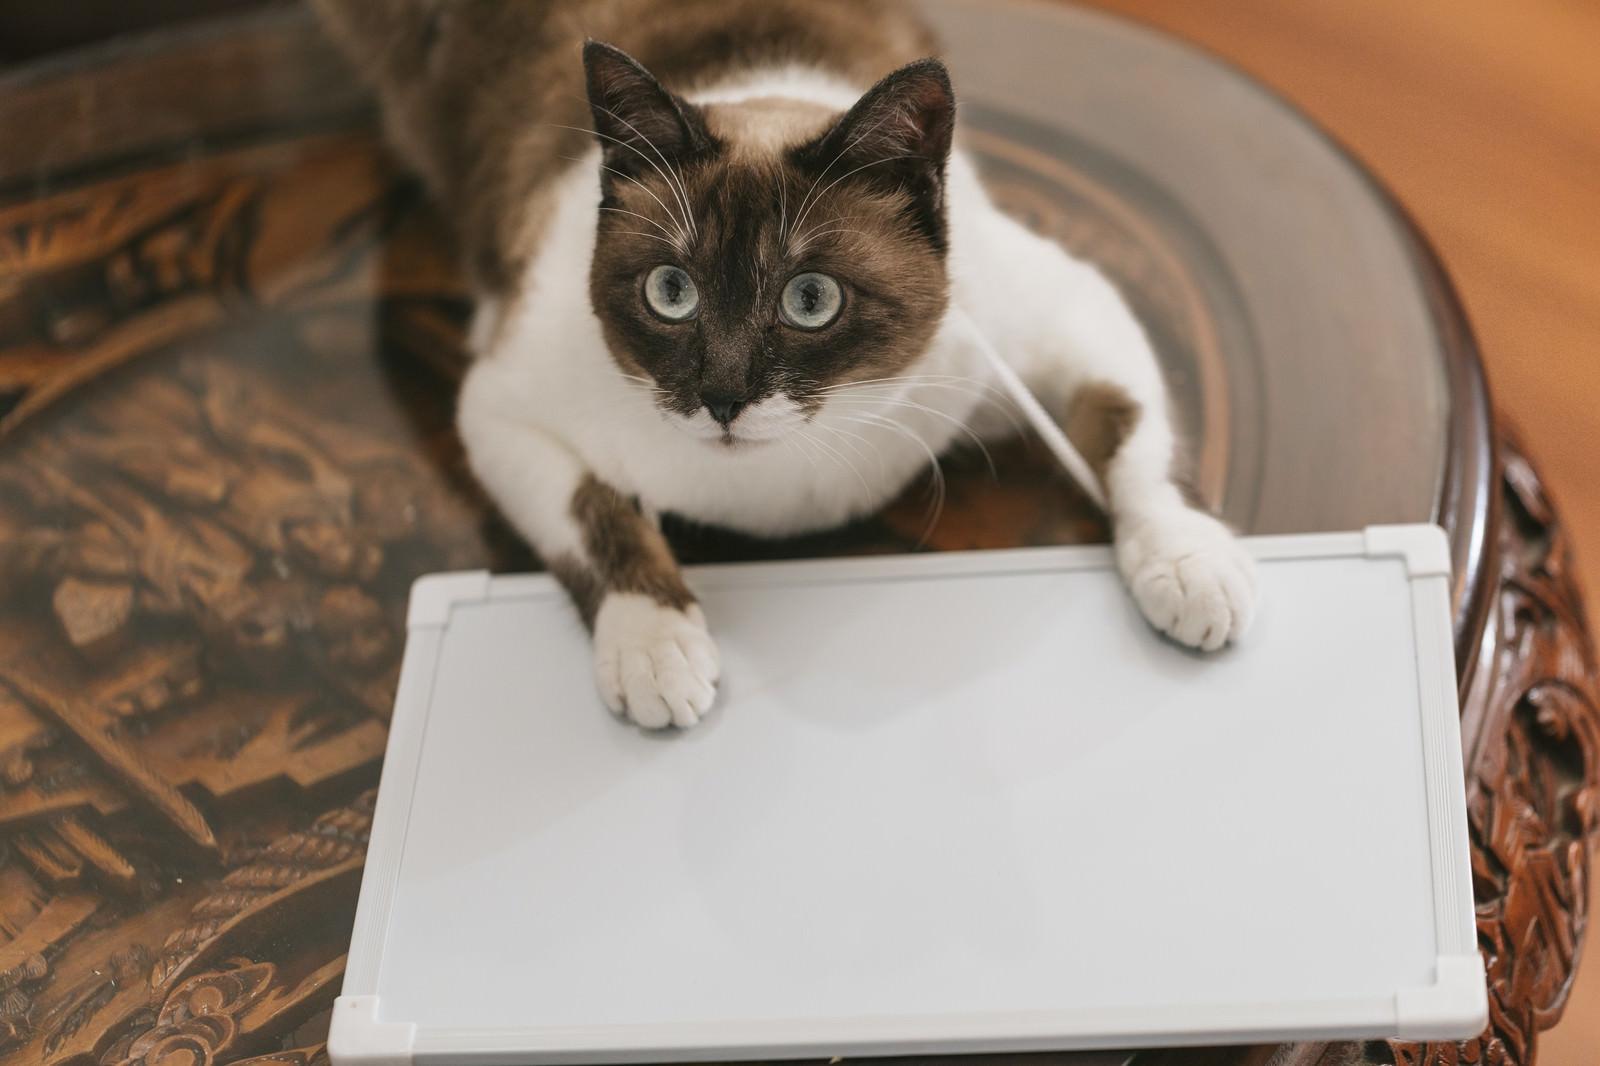 「首からプレートを下げた猫」の写真